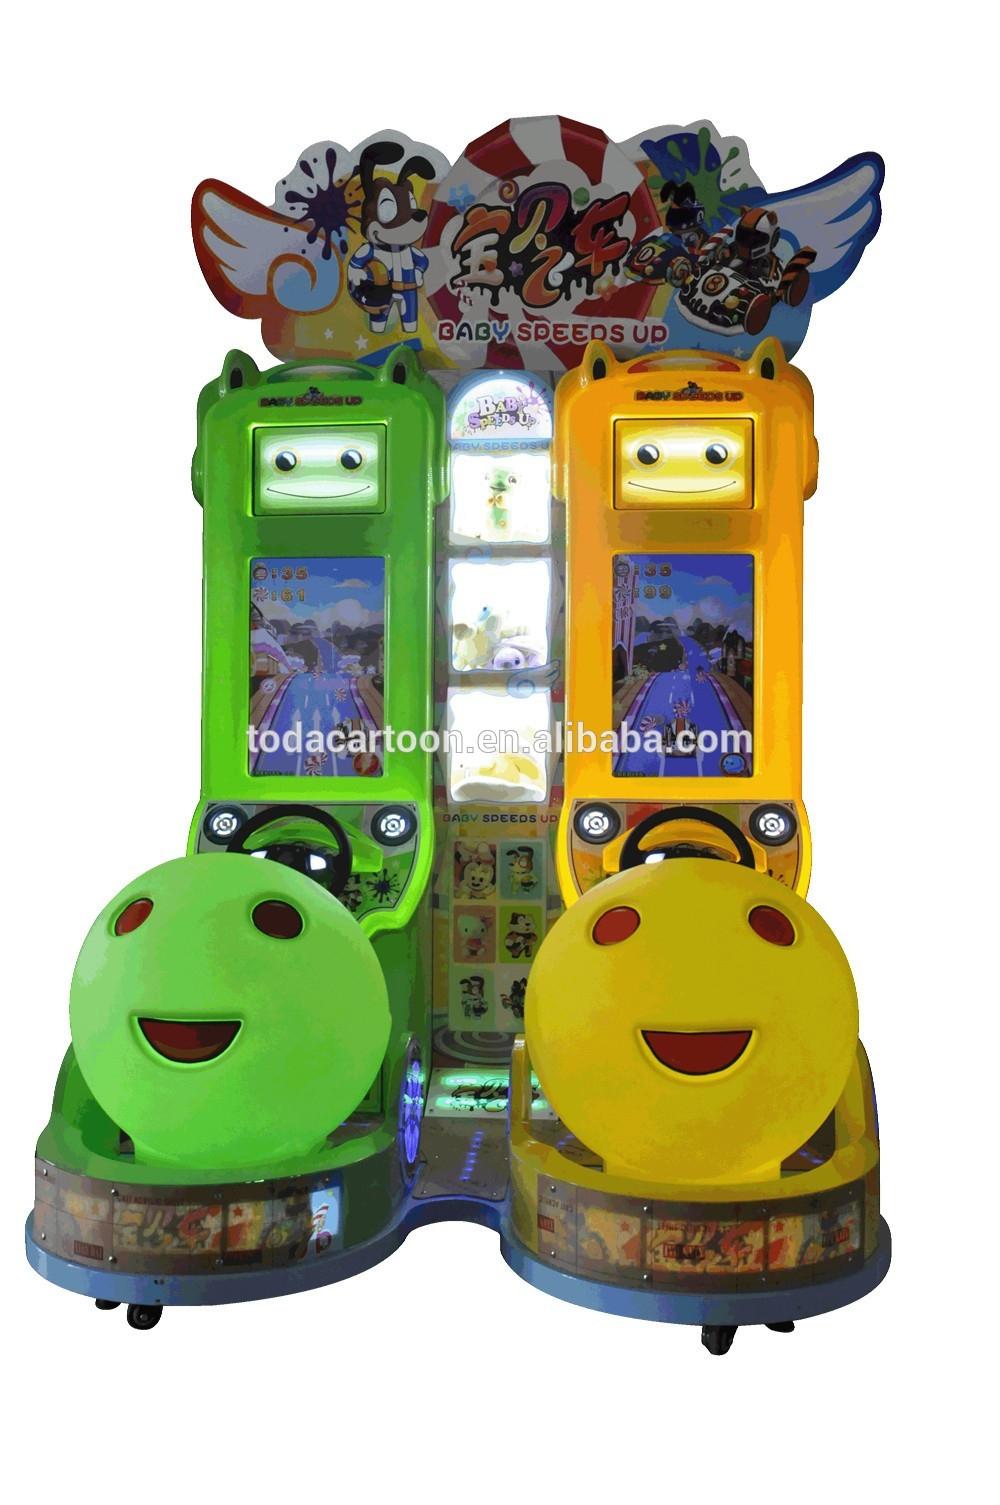 Toda Enfants Machine De Jeu Bébé Simulateur De Course D'arcade Gratuit  Jouer En Ligne Moteur Enfants Jeux De Voiture Pour Les Garçons Vente - Buy concernant Jeux Pour Bebe Gratuit